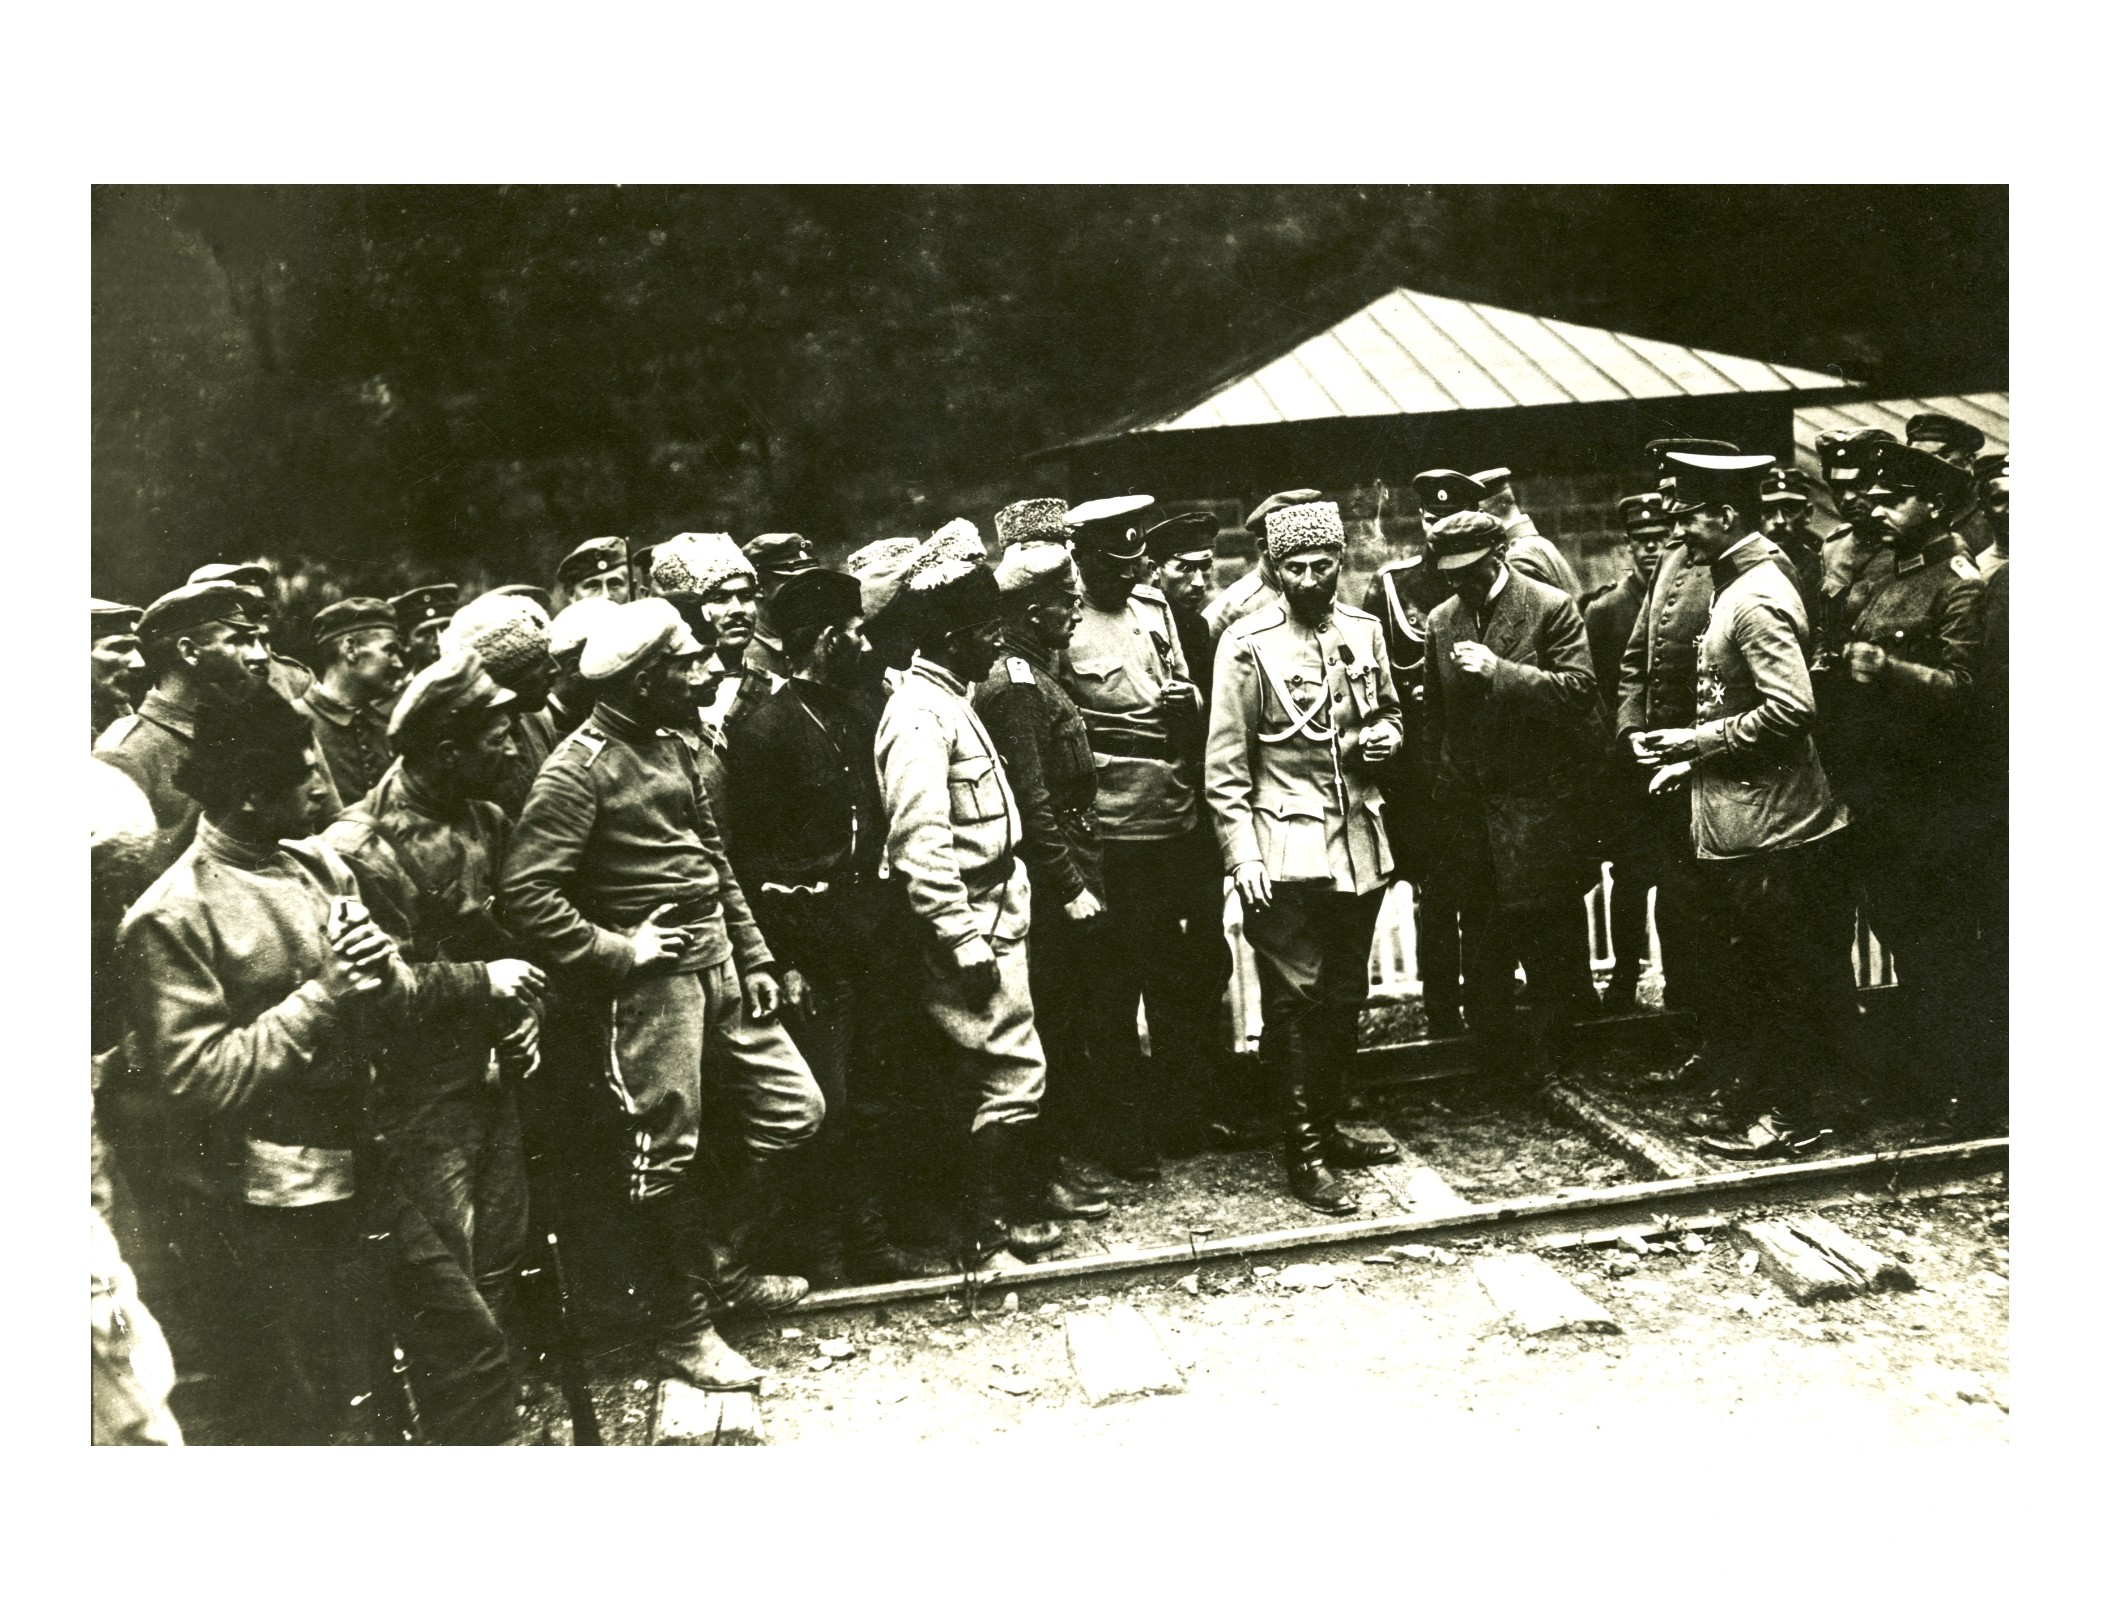 საქართველოს რესპუბლიკის შეიარაღებული ძალების მთავარსარდალი, გენერალი გიორგი კვინიტაძე (შუაში) ქართველ და გერმანელ სამხედროებთან ერთად. <br> 1918 წელი. <br> Commander-in-Chief of Georgian army, General Giorgi Kvinitadze (in the center) together with Georgian and German soldiers. <br> 1918.